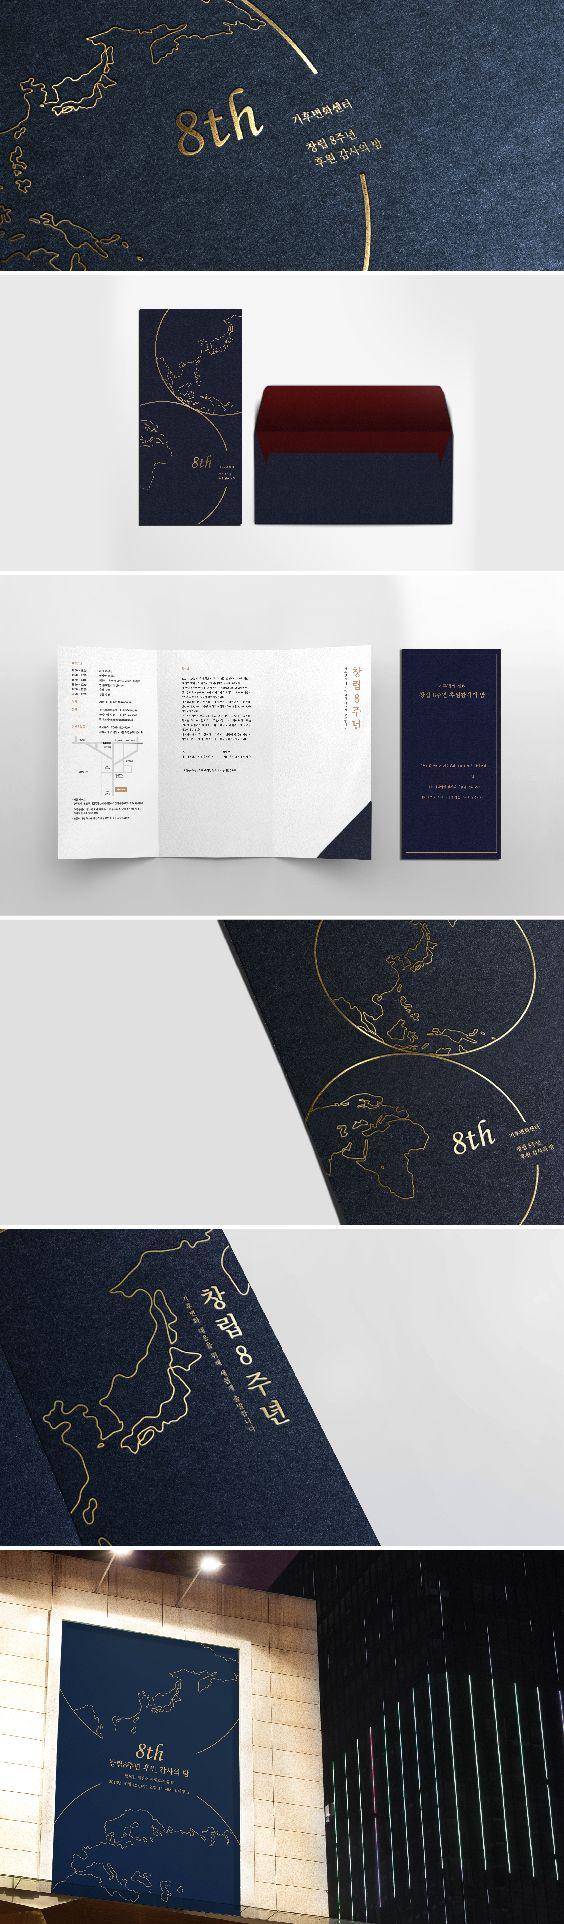 기후변화센터 8주년 초청장 #design #graphic #identity #earth #invitationcard #logo #gold #navy #invitation #card #editorial #sack